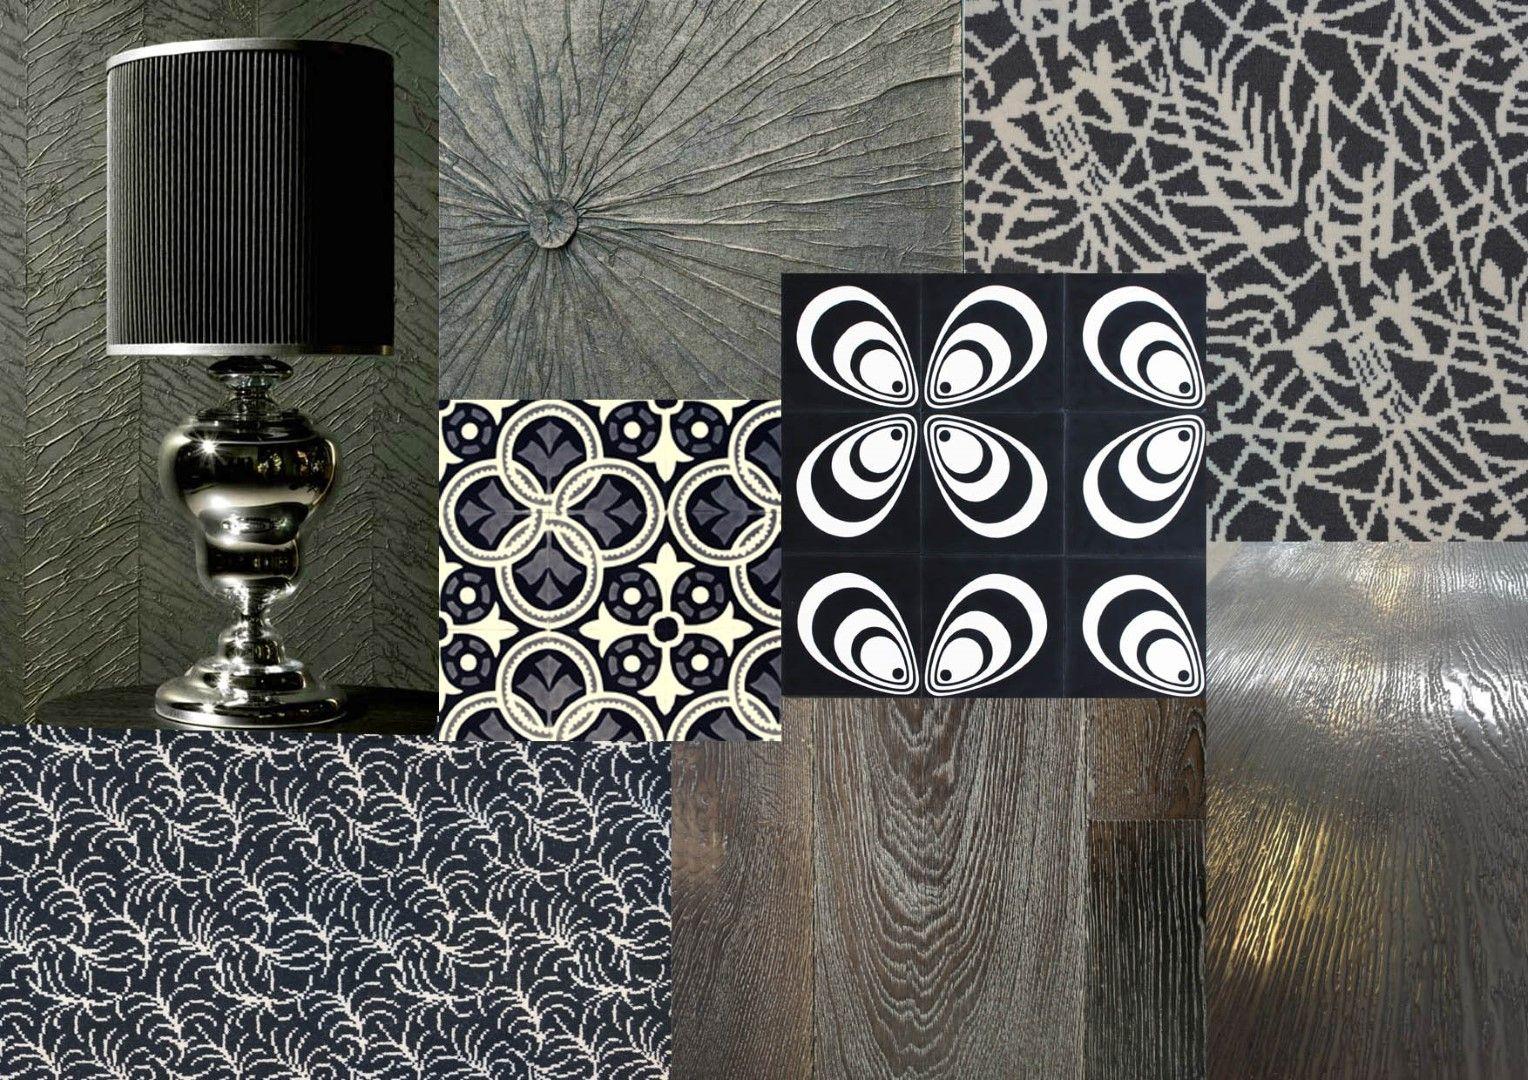 tendance graphique noir blanc rev tements muraux coriolis collection retrouver dans notre. Black Bedroom Furniture Sets. Home Design Ideas